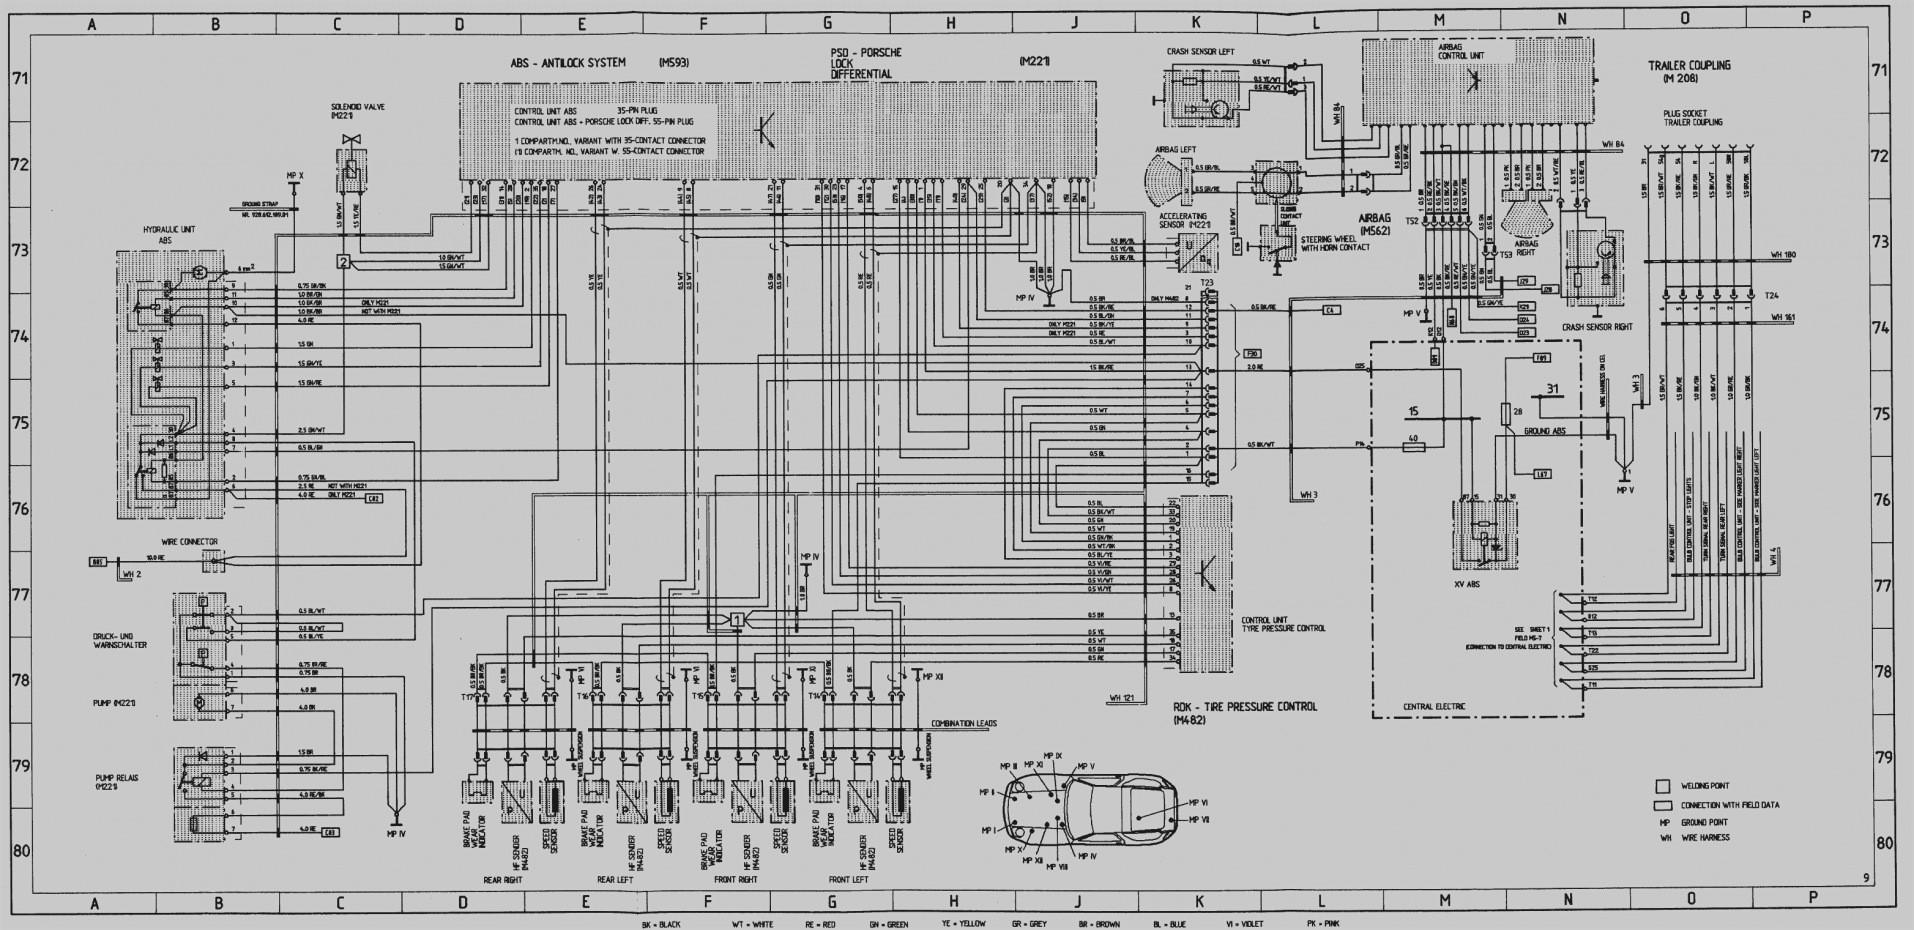 Gallery Bmw E46 Wiring Harness Cd53 Diagram Fresh Fantastic